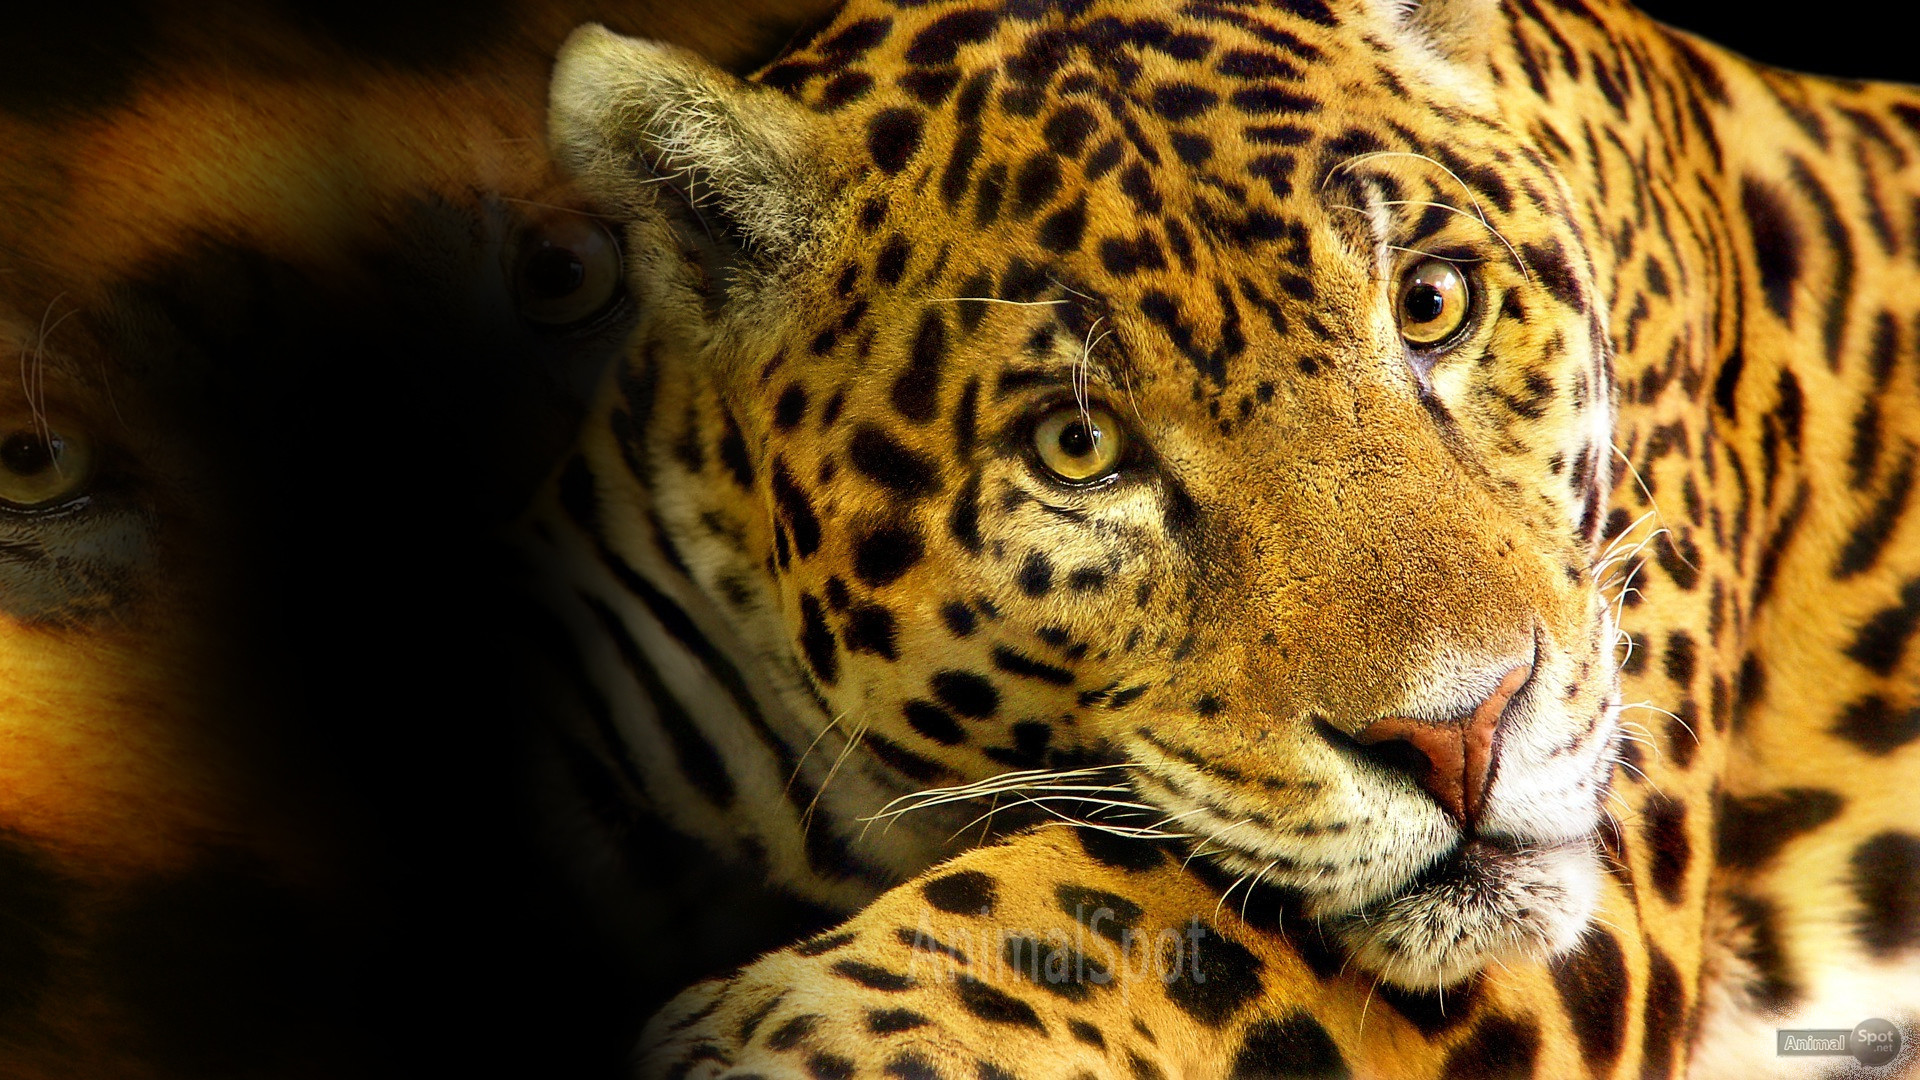 Res: 1920x1080, Cheetah Wallpaper for Desktop